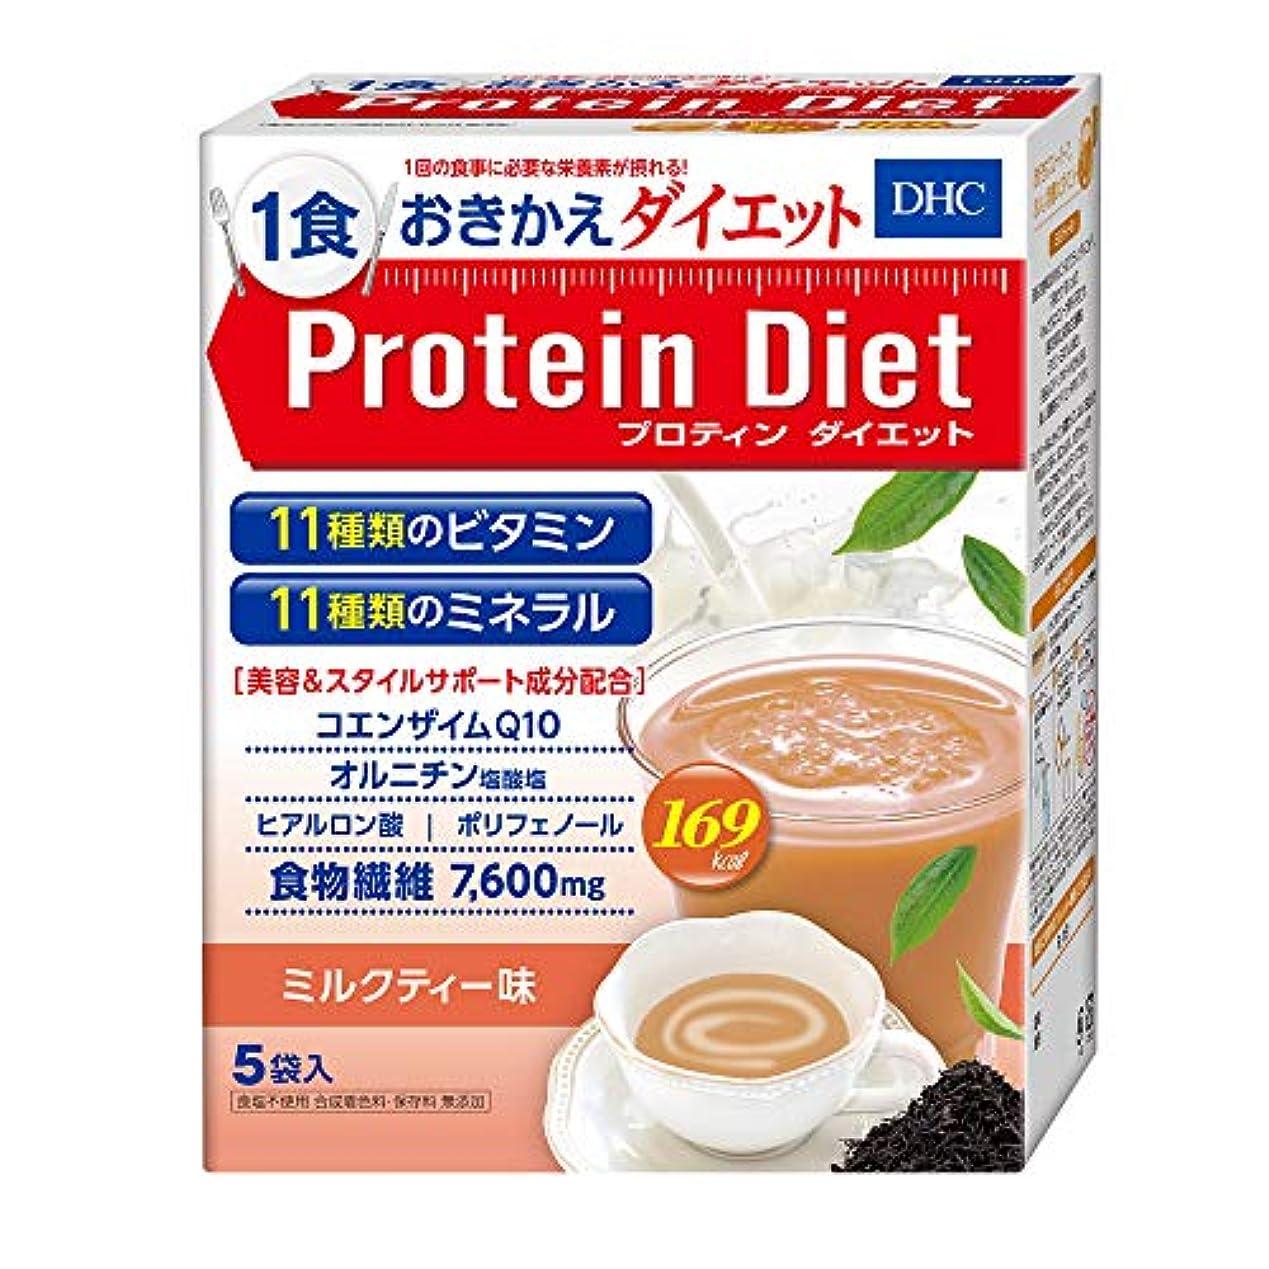 保有者石油句読点DHCプロティンダイエット(ミルクティー味)